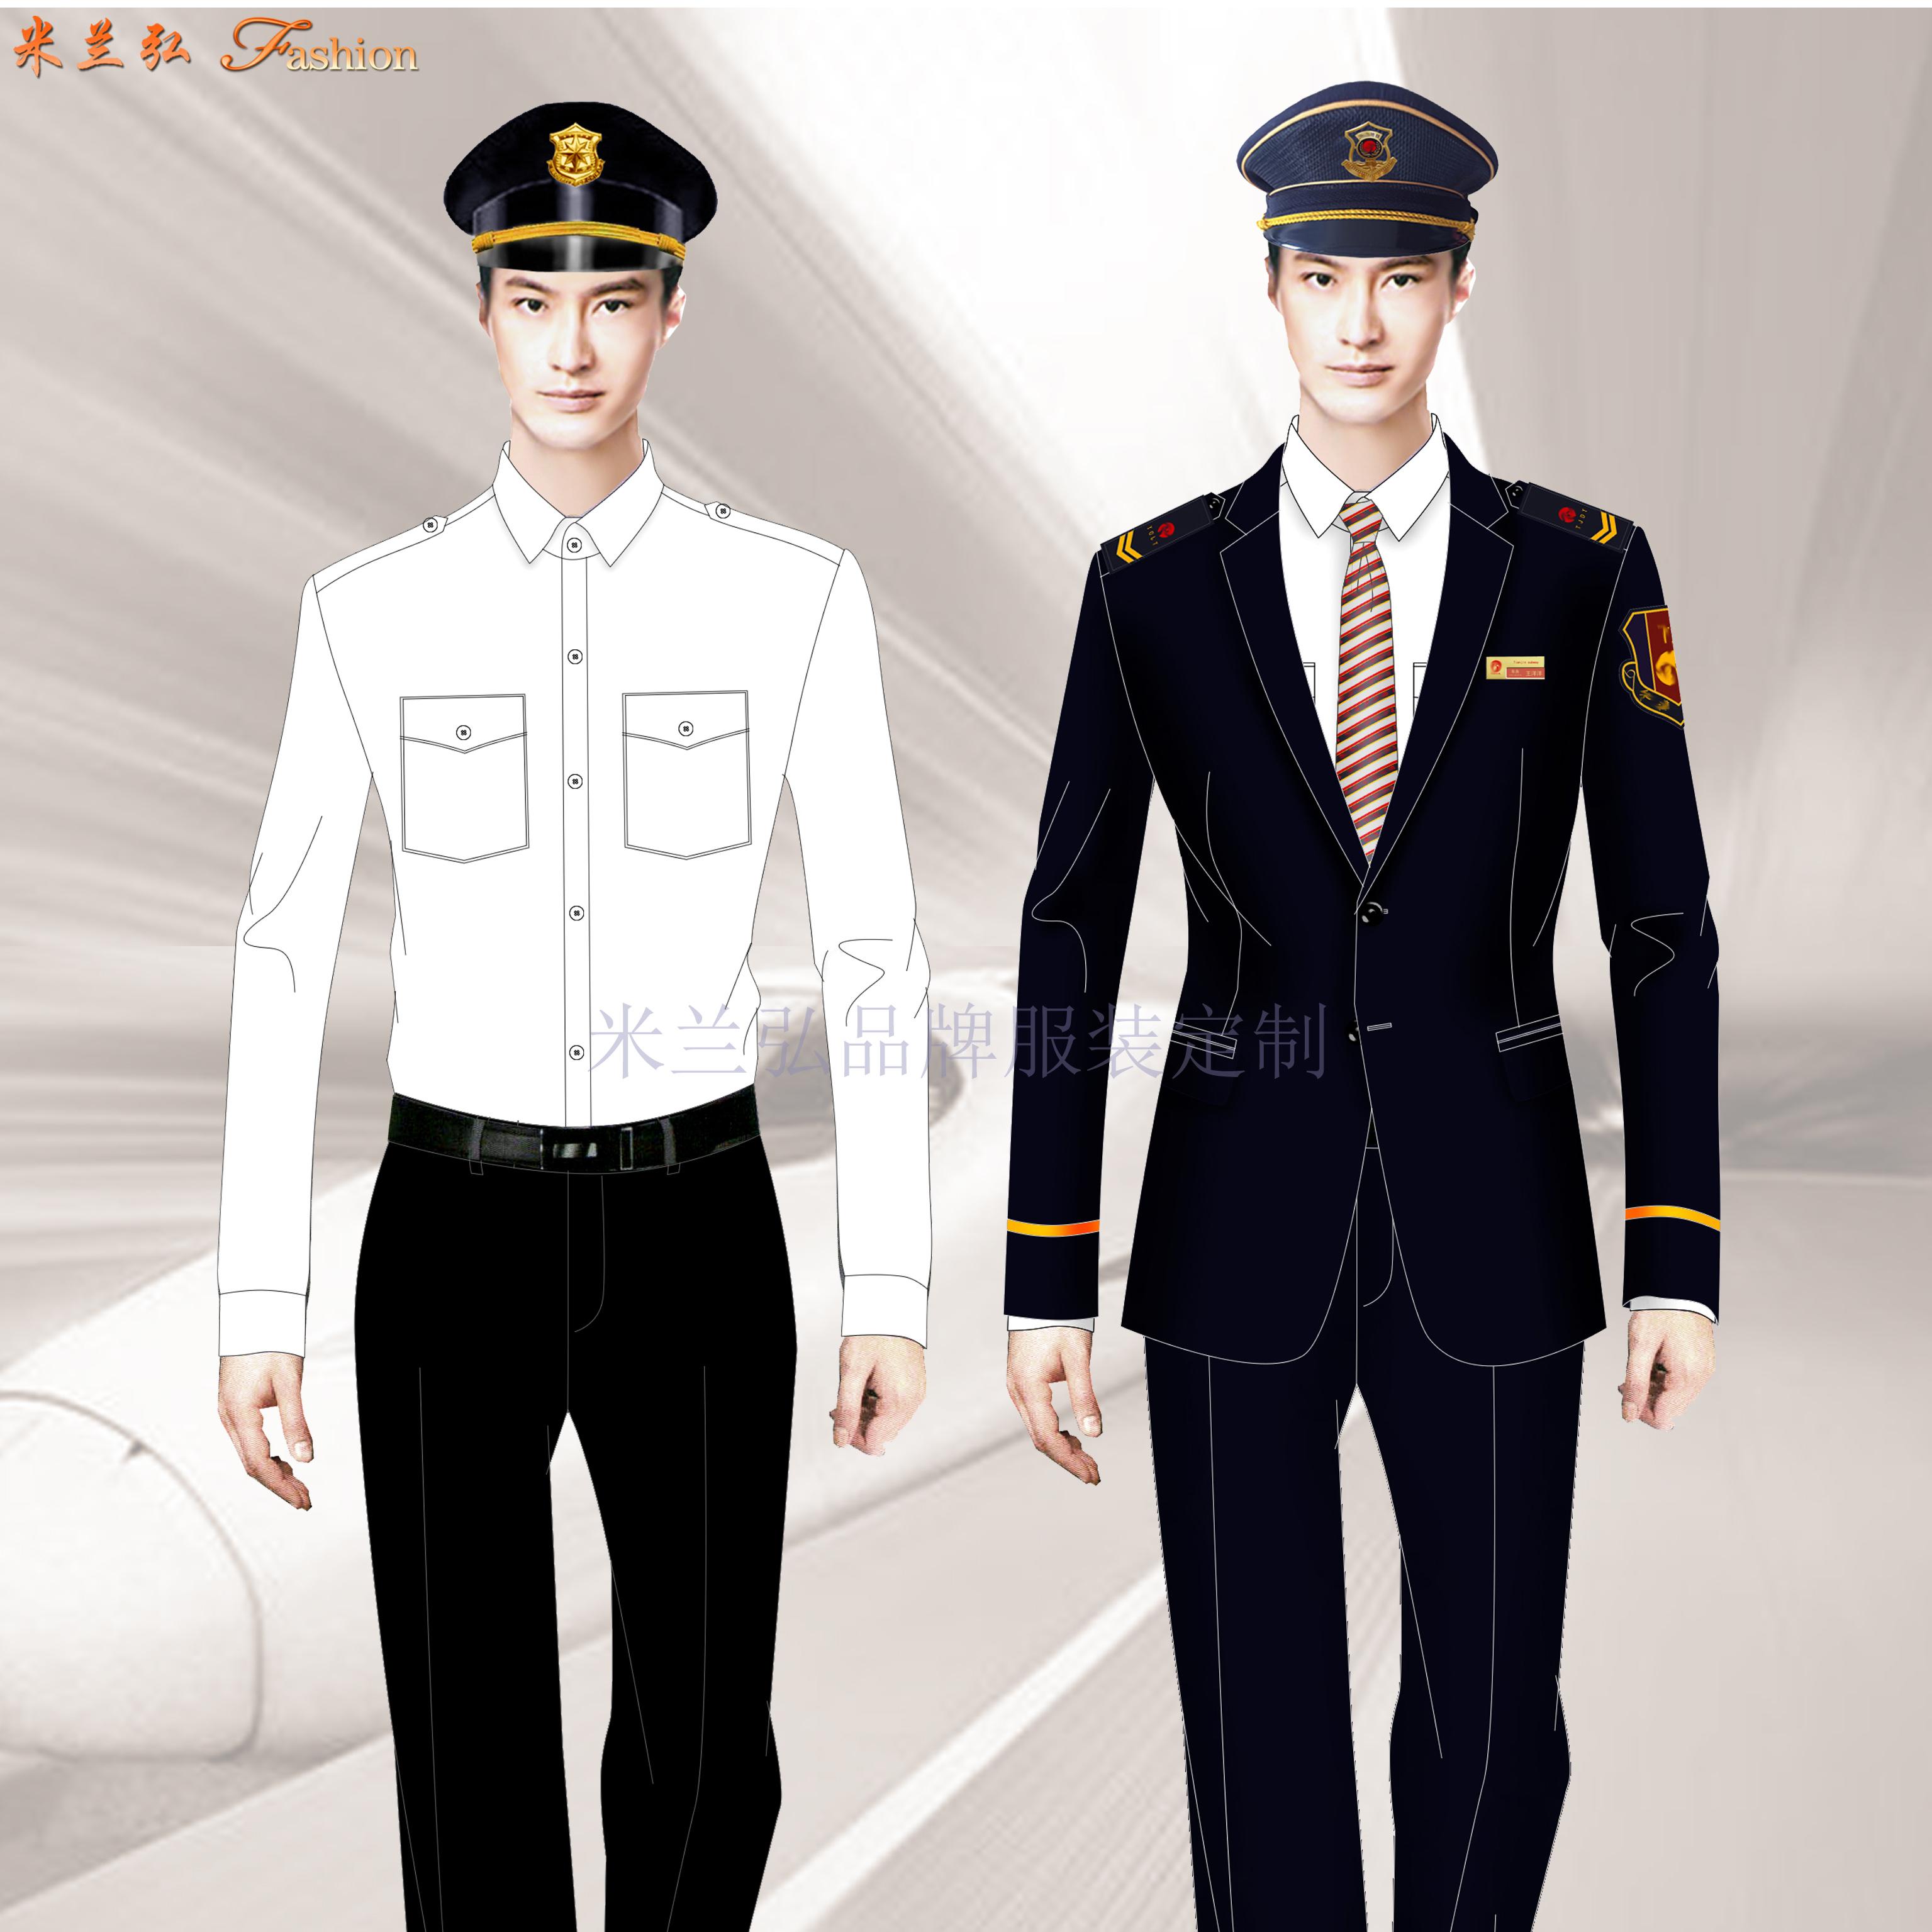 「北京地鐵工作服定制」「北京地鐵工作服訂做」米蘭弘服裝-2